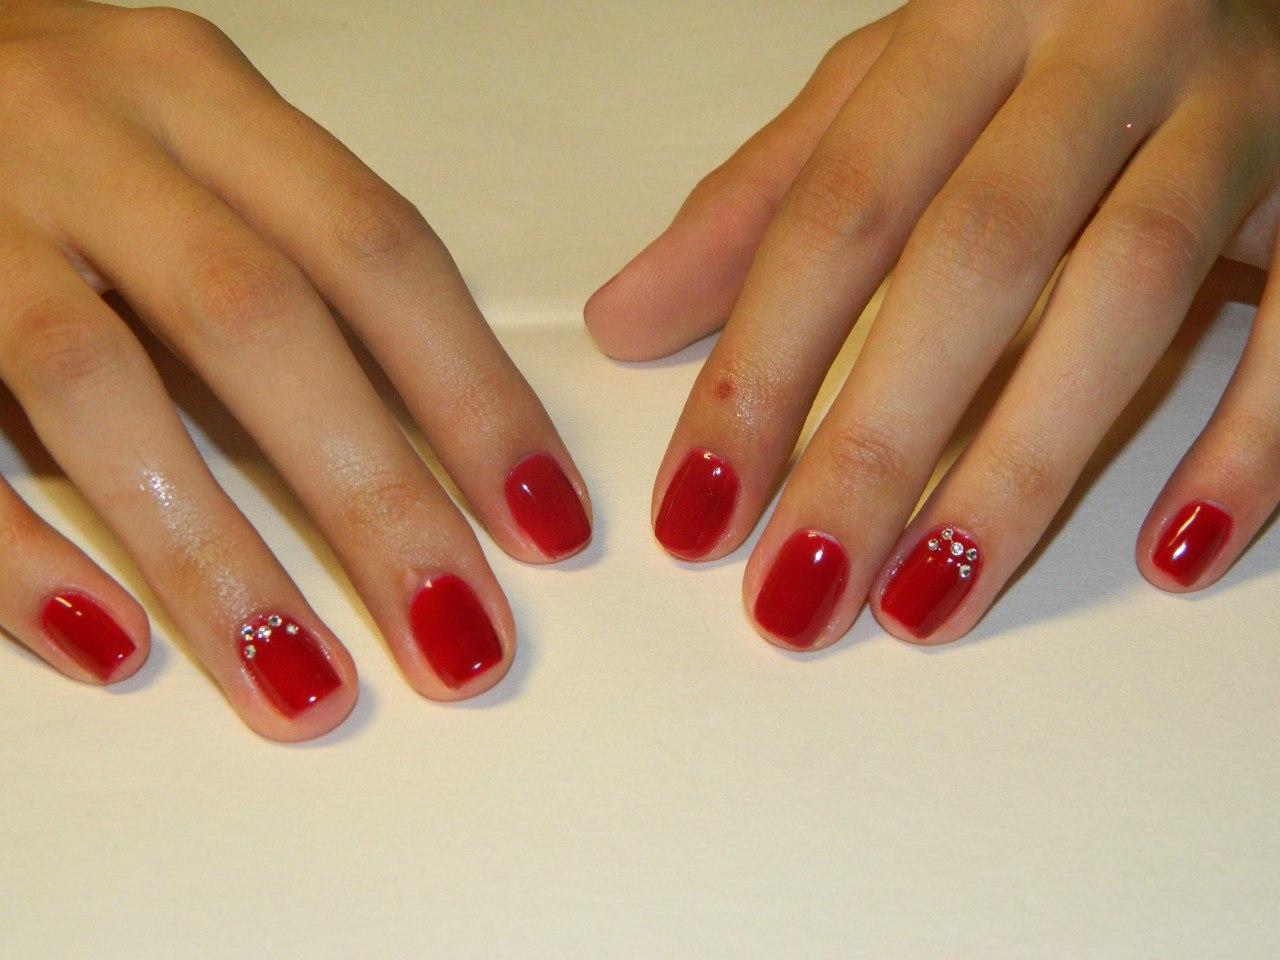 Покрытие гель лаком на короткие ногти с рисунком фото